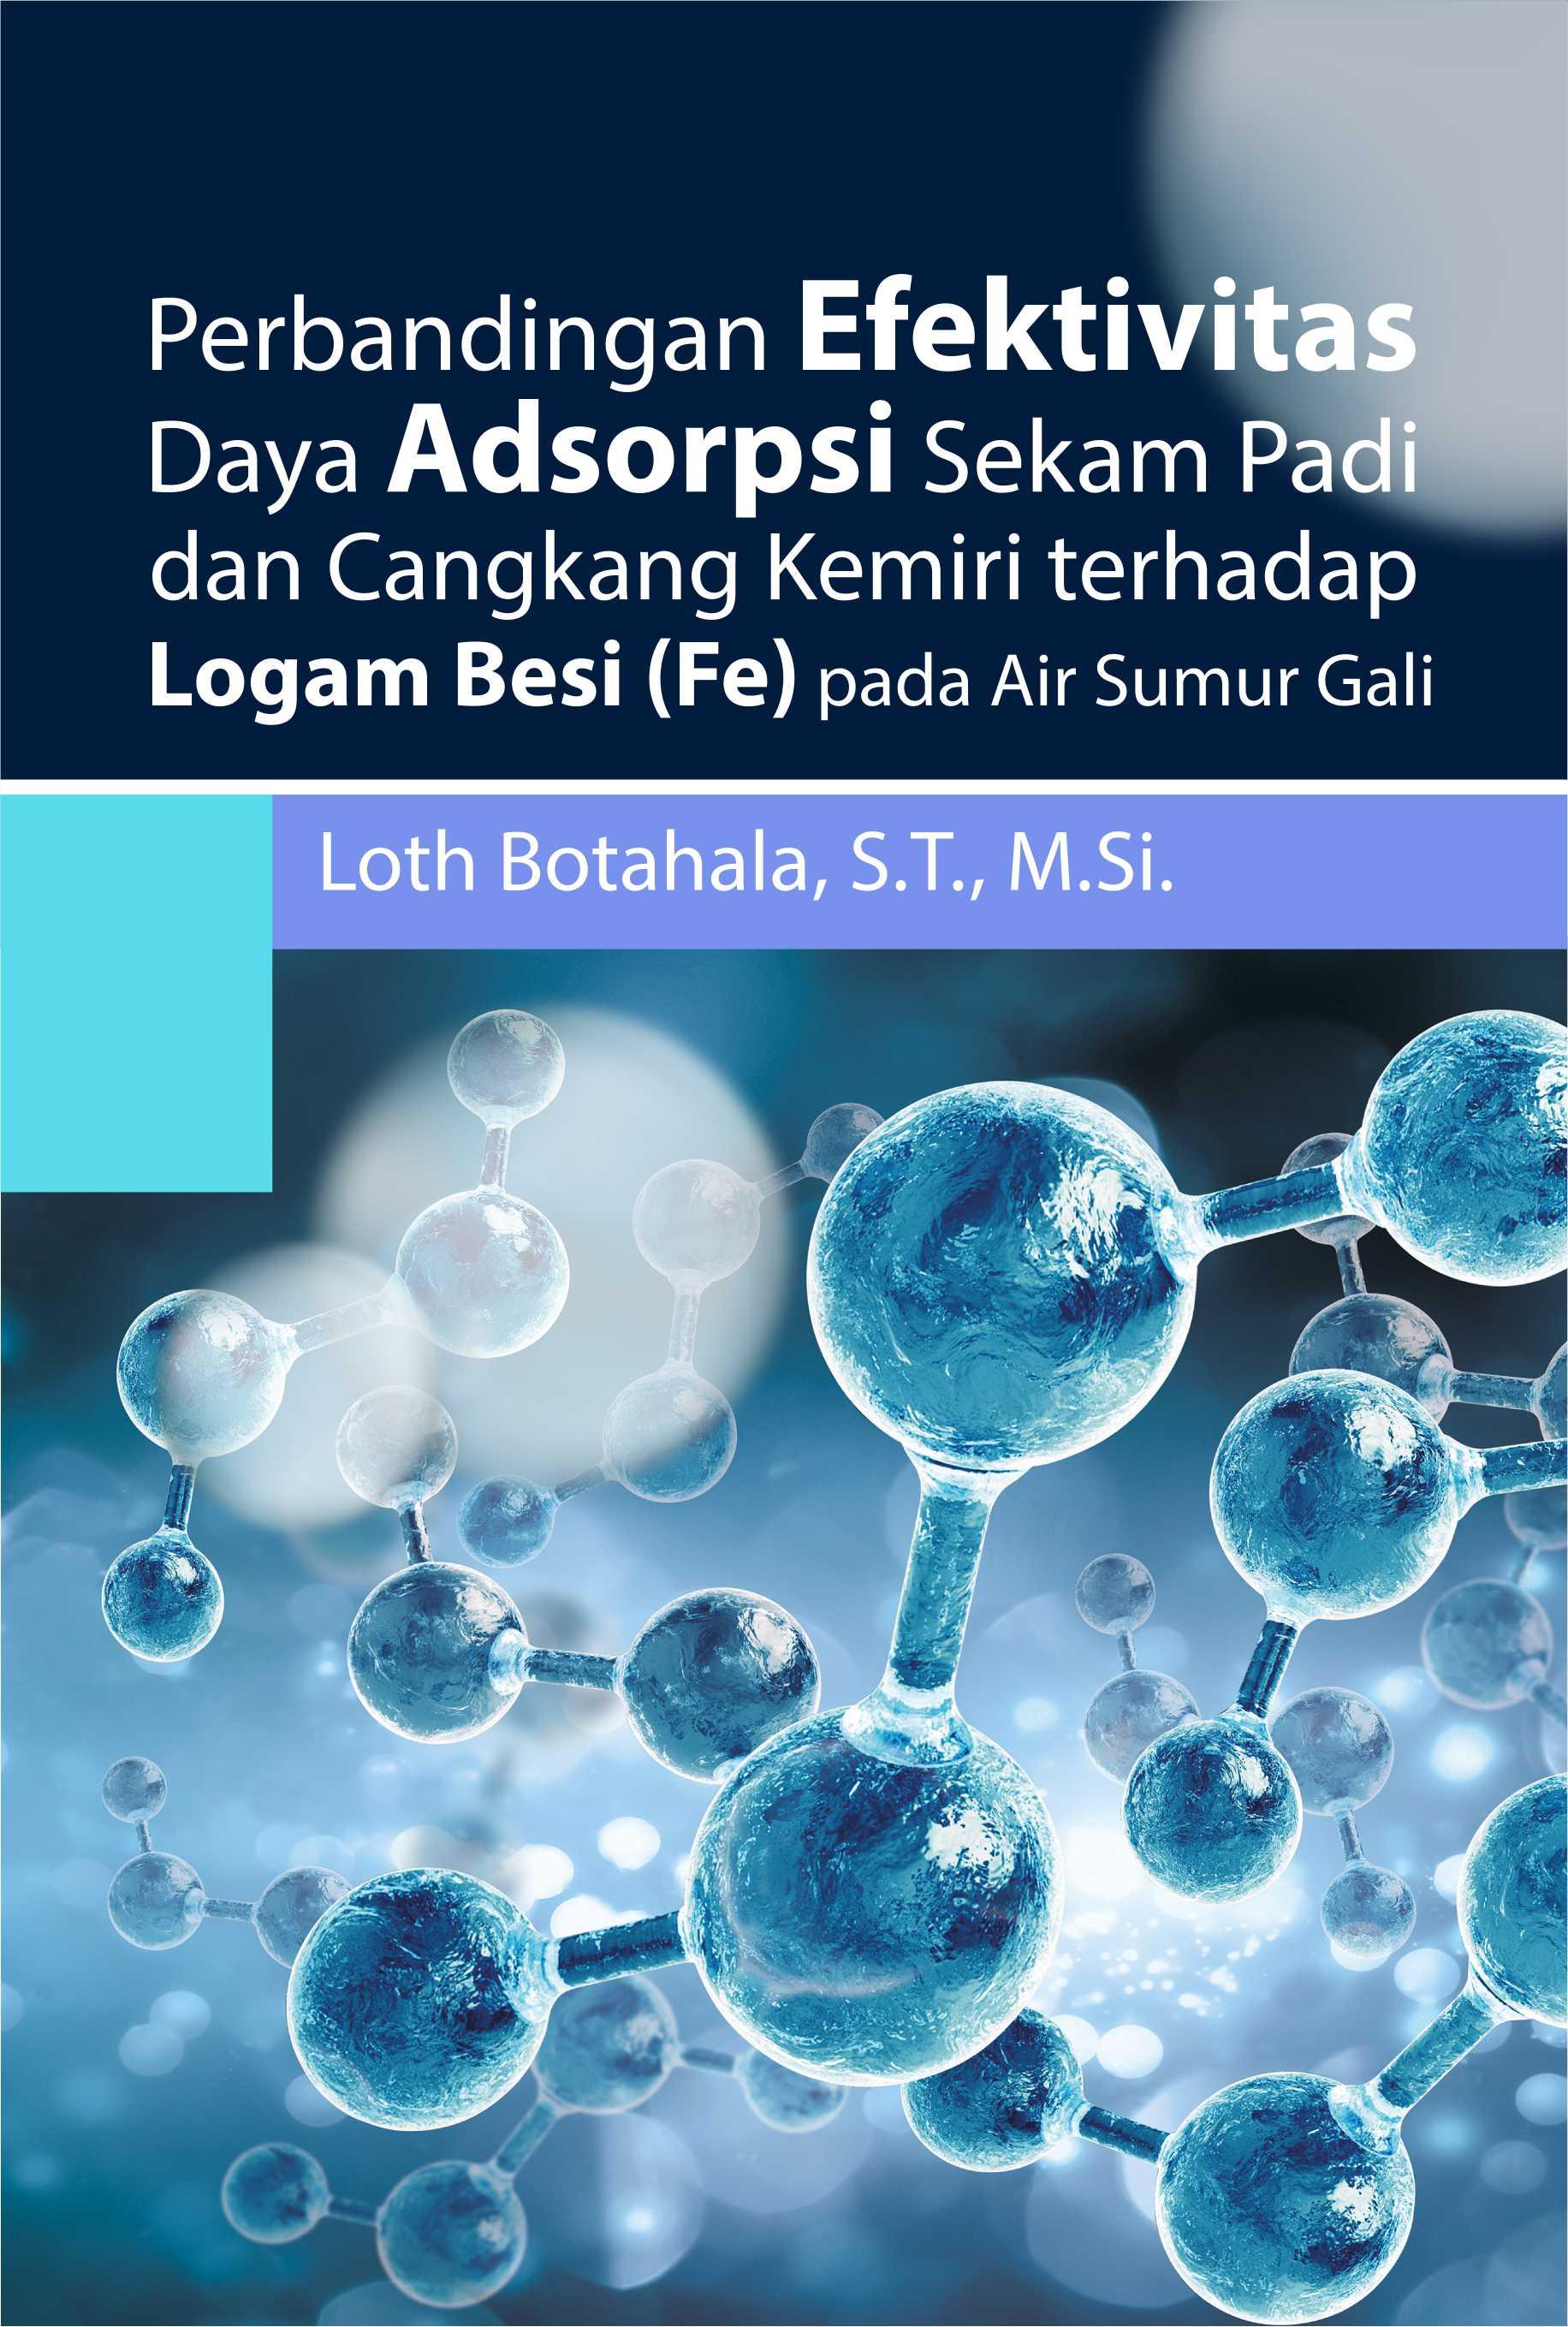 Perbandingan efektivitas daya adsorpsi sekam padi dan cangkang kemiri terhadap logam besi (Fe) pada air sumur gali [sumber elektronis]